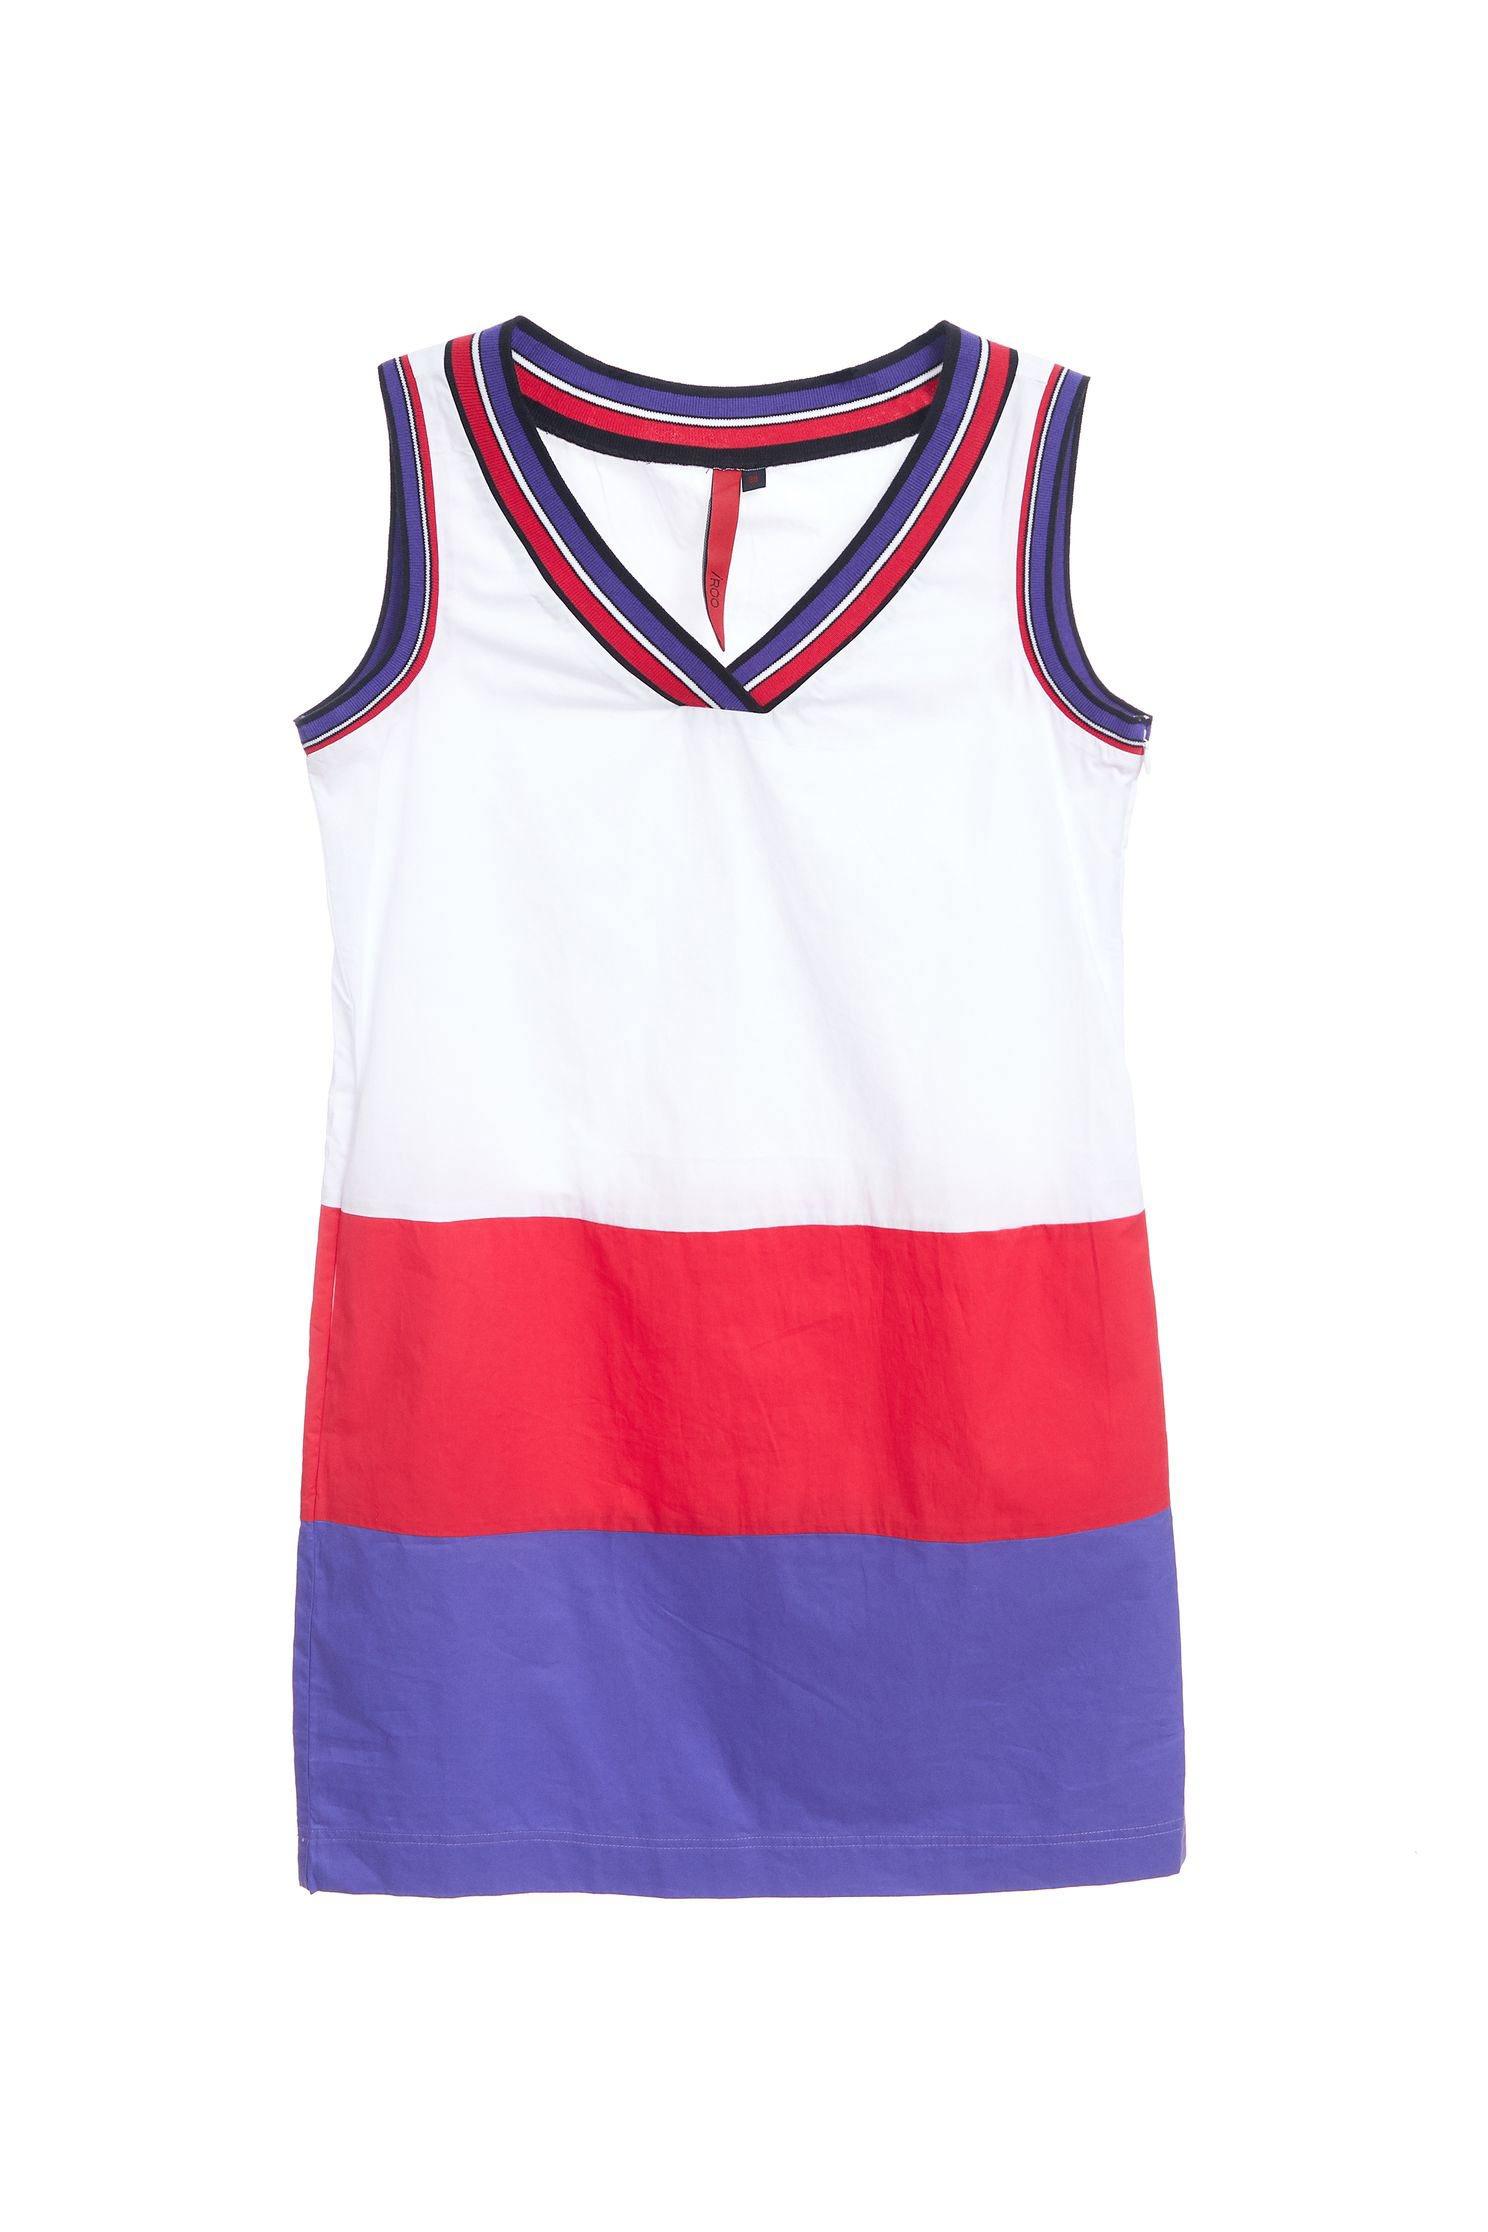 Color matching V-neck popular design sleeveless dress,v-neckdress,dress,casualdress,sleevelessdress,whitedress,vest